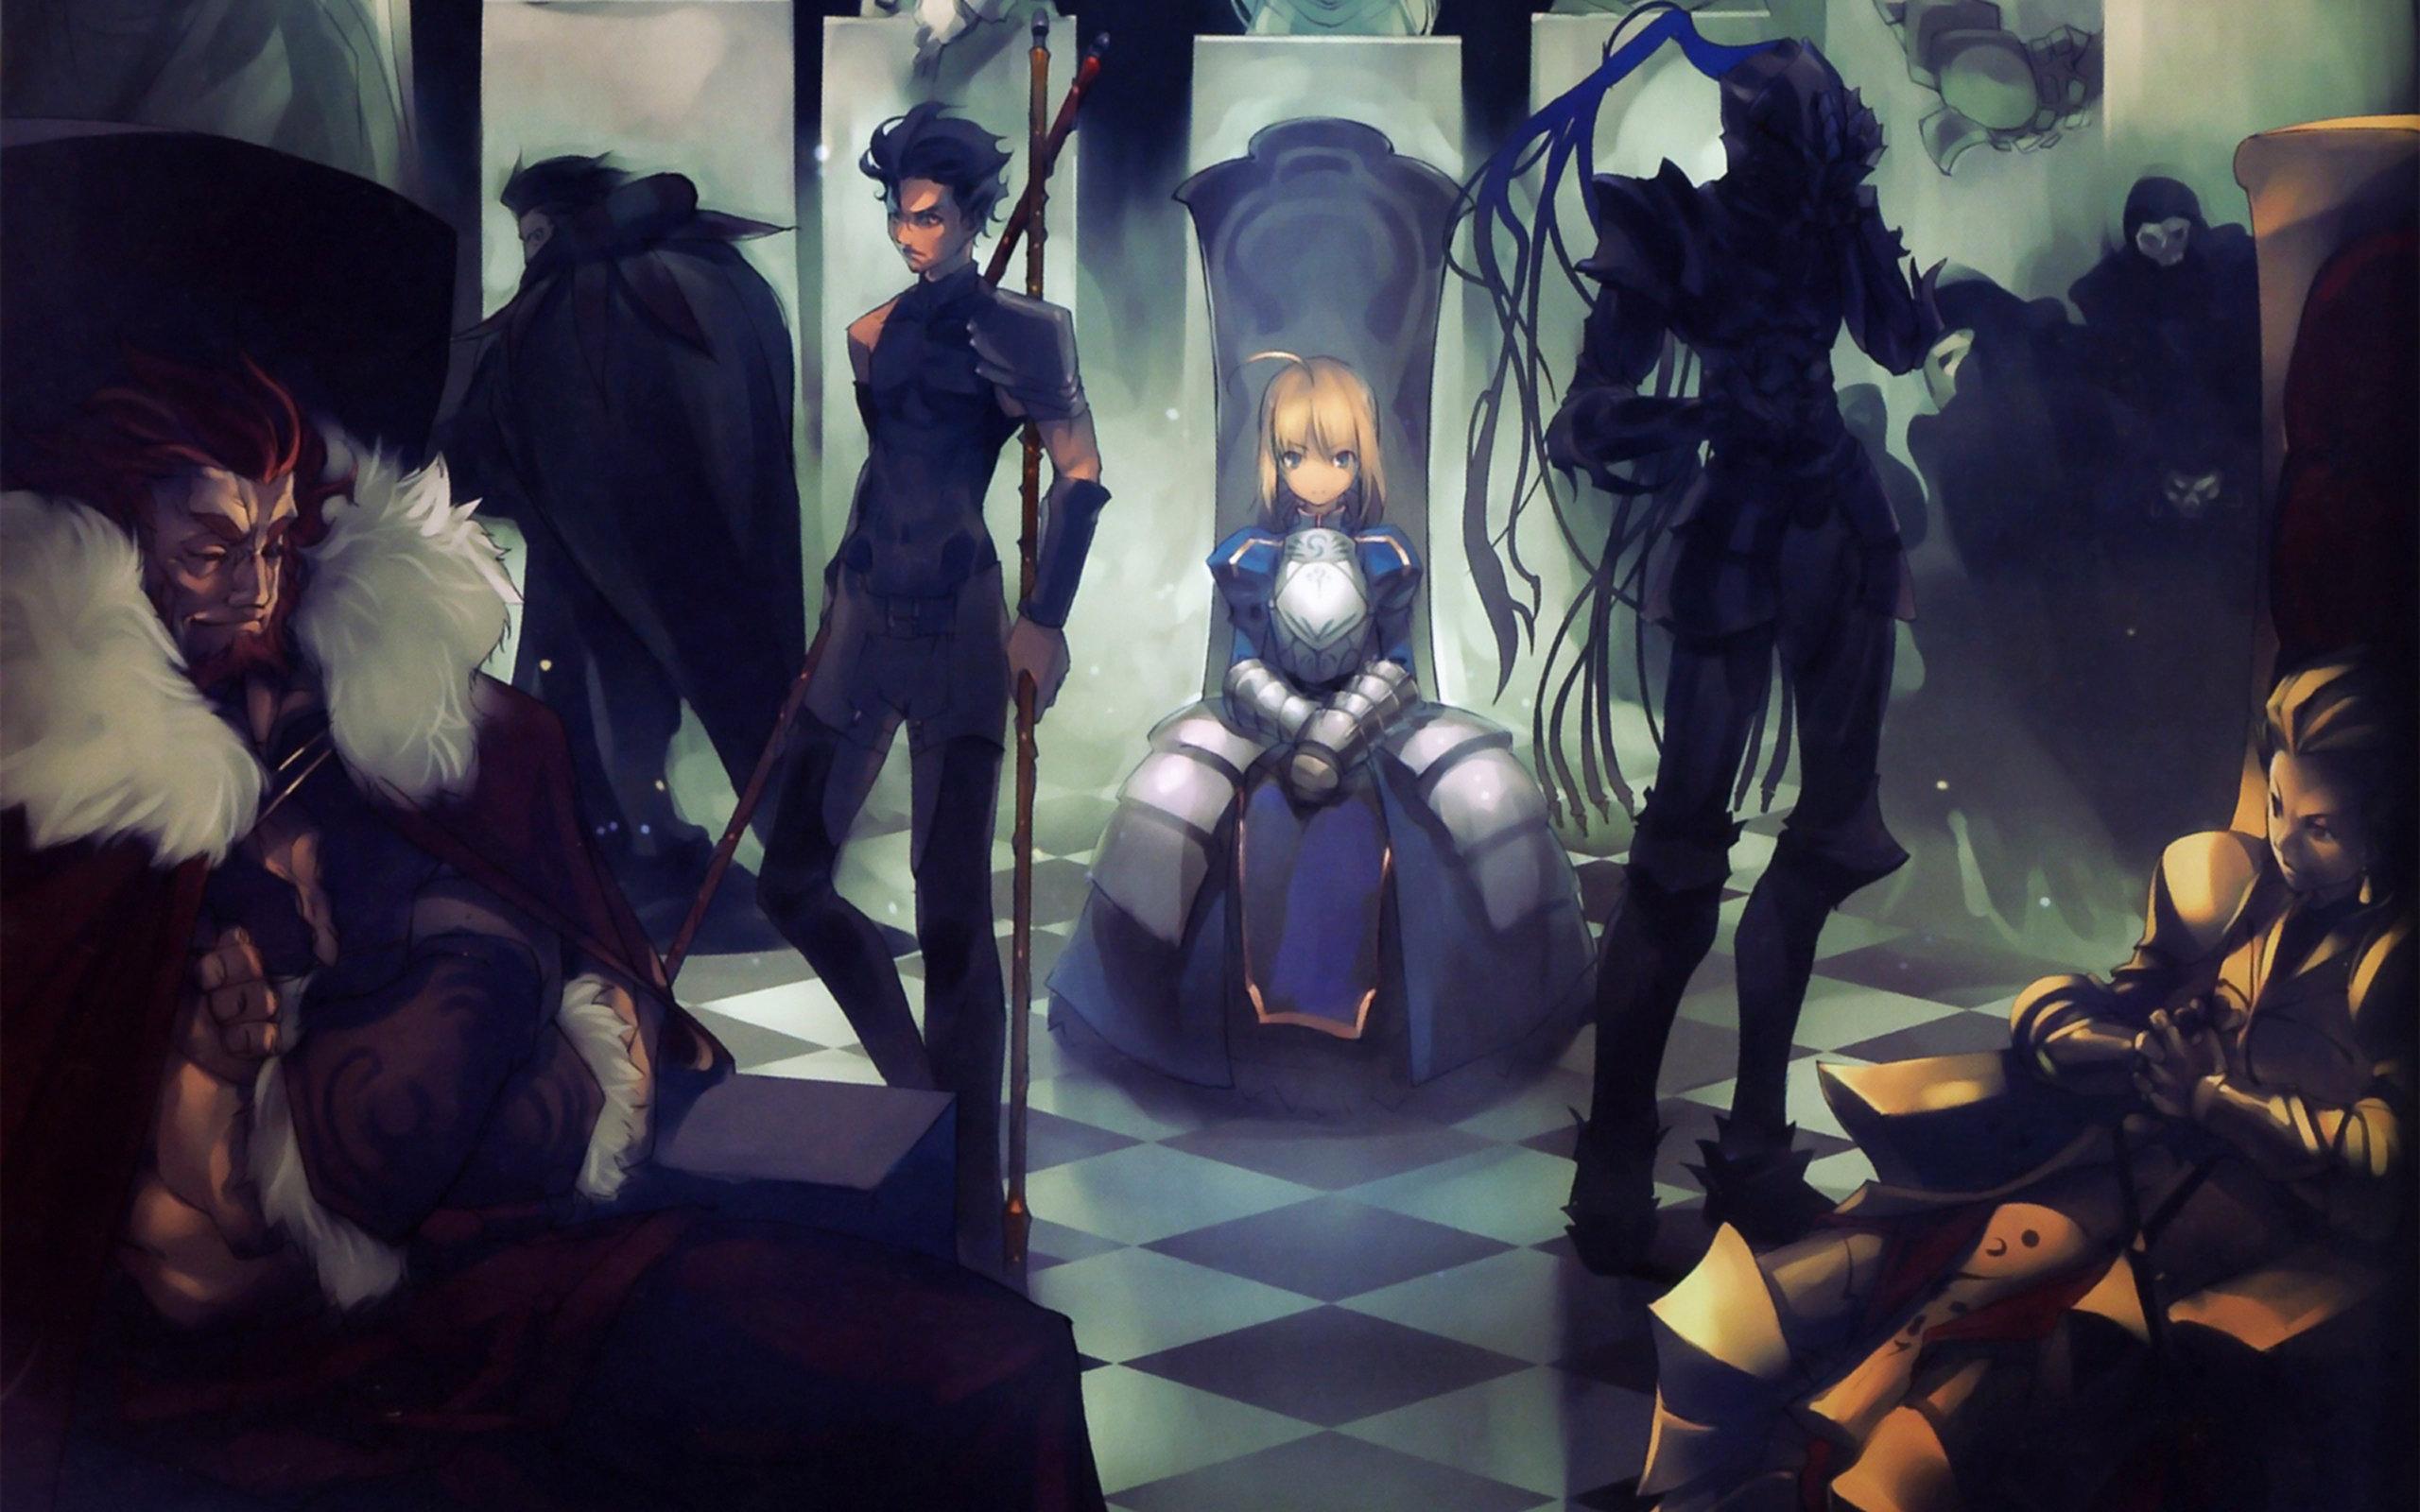 《Fate》动画制作公司ufotable 涉嫌税务问题遭调查